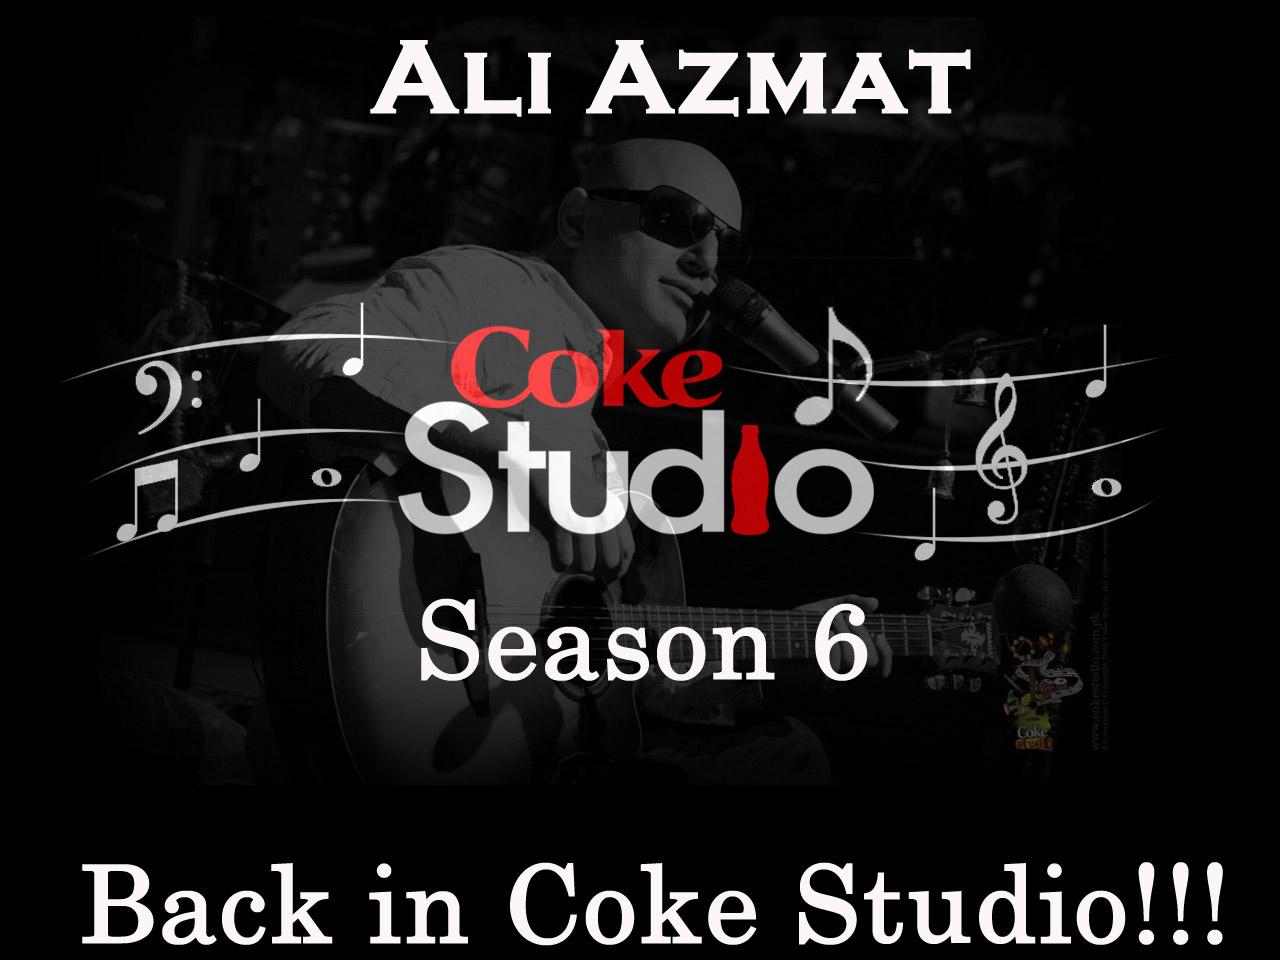 Ali Azmat in Coke Studio Season 6